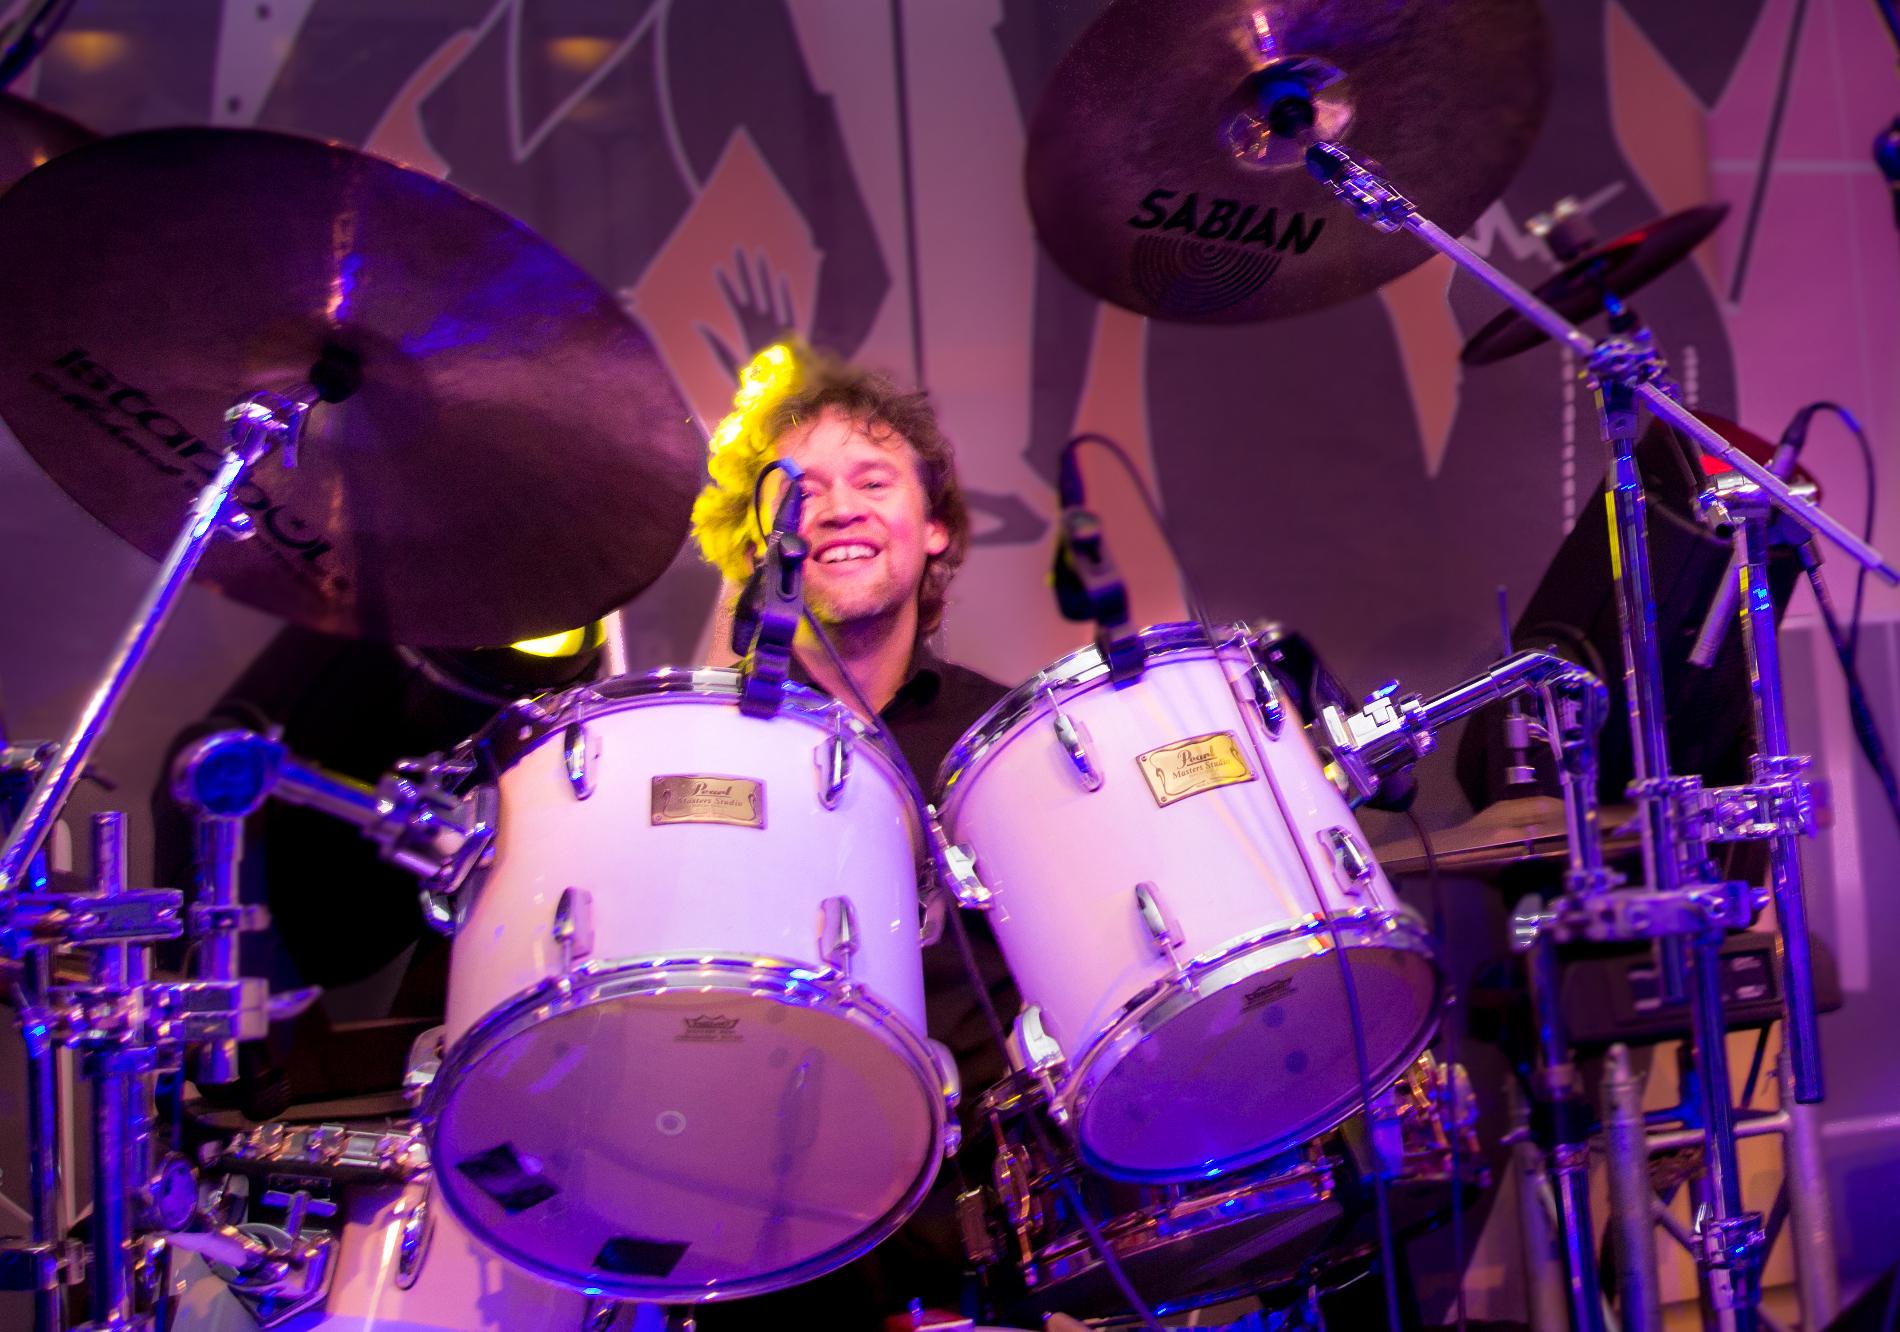 Mario Brüninghaus on drums, Schlagzeuger Köln